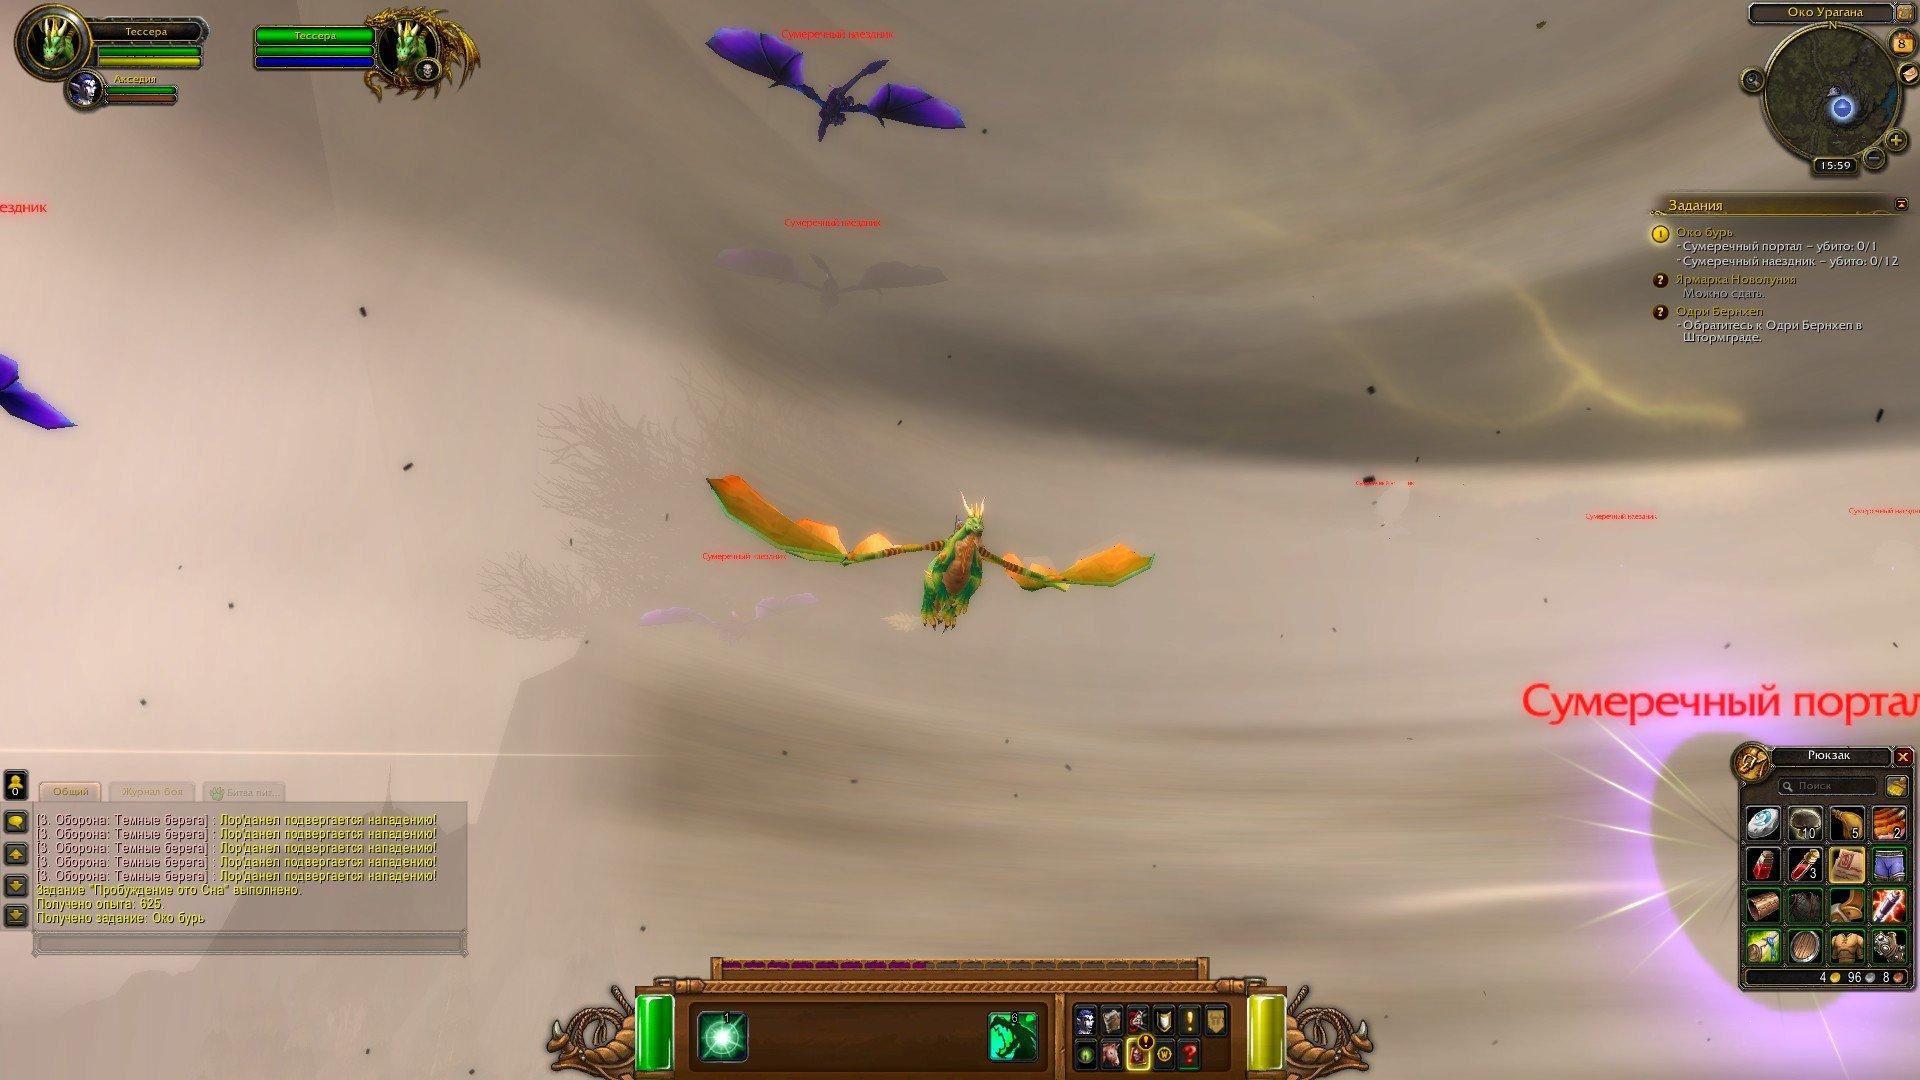 Путешествие по World of Warcraft ... Ночной Эльф. Глава 2. - Изображение 19